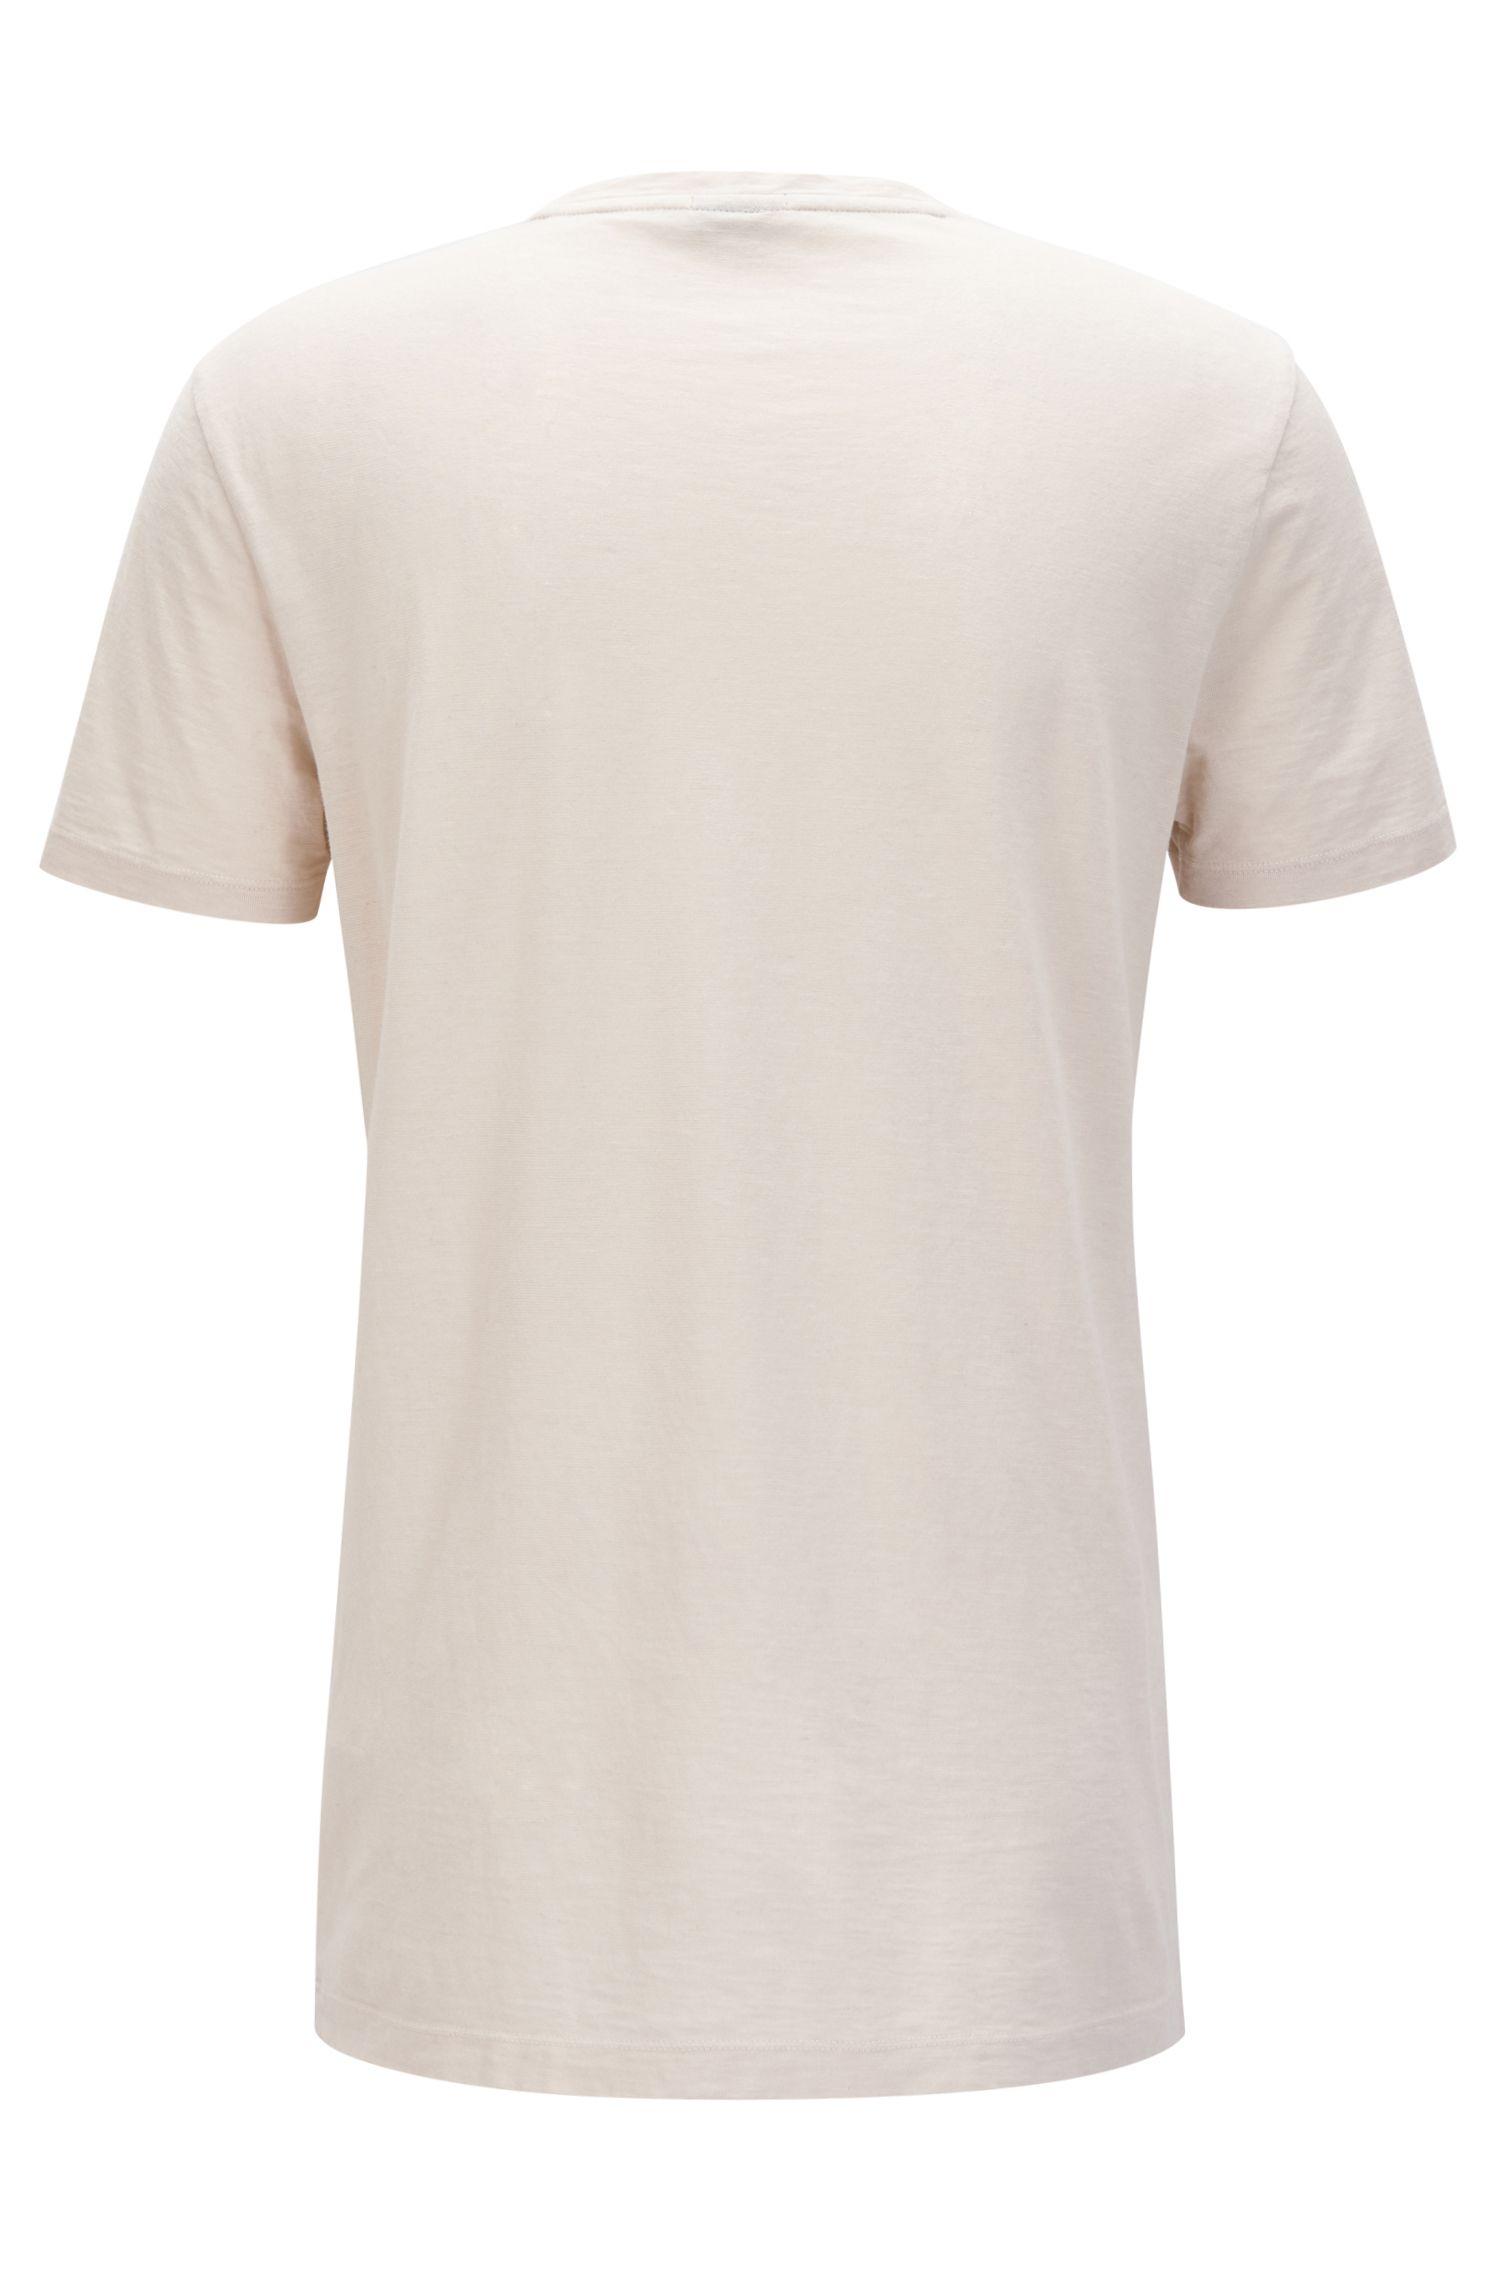 T-shirt met ronde hals van een Italiaanse katoenmix